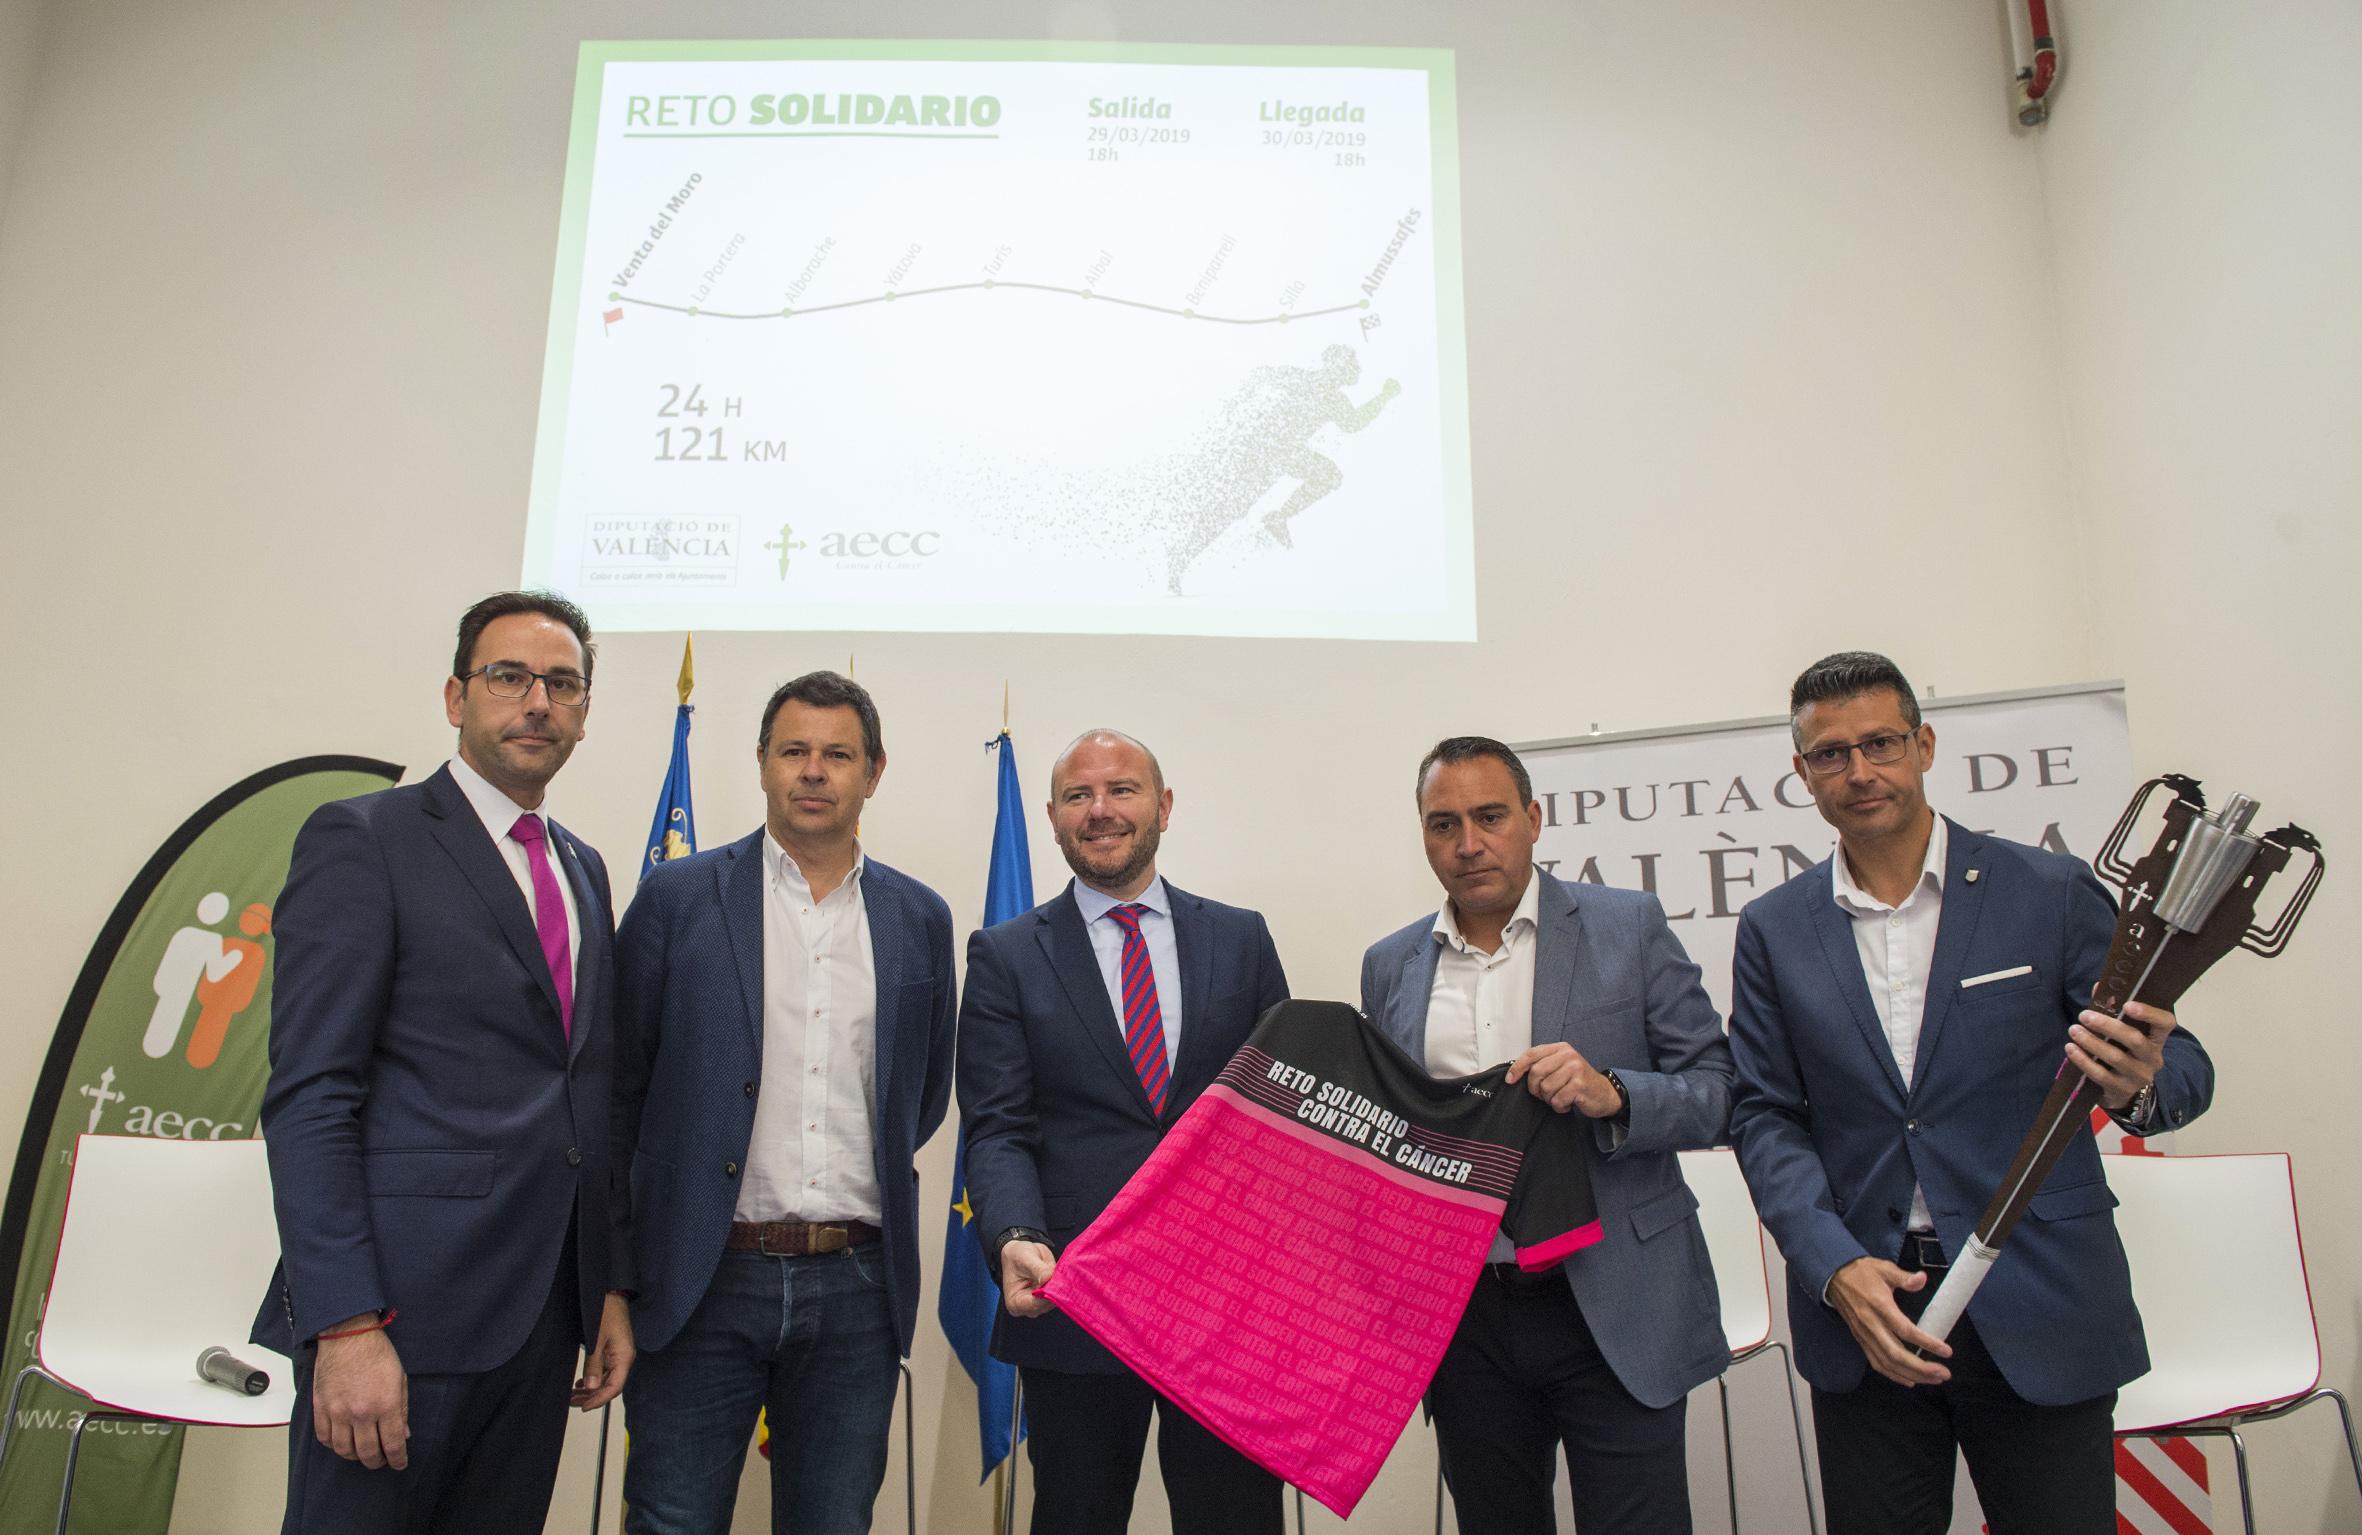 Medio centenar de personas recorrerán 121 kilómetros contra el cáncer entre Venta del Moro y Almussafes.